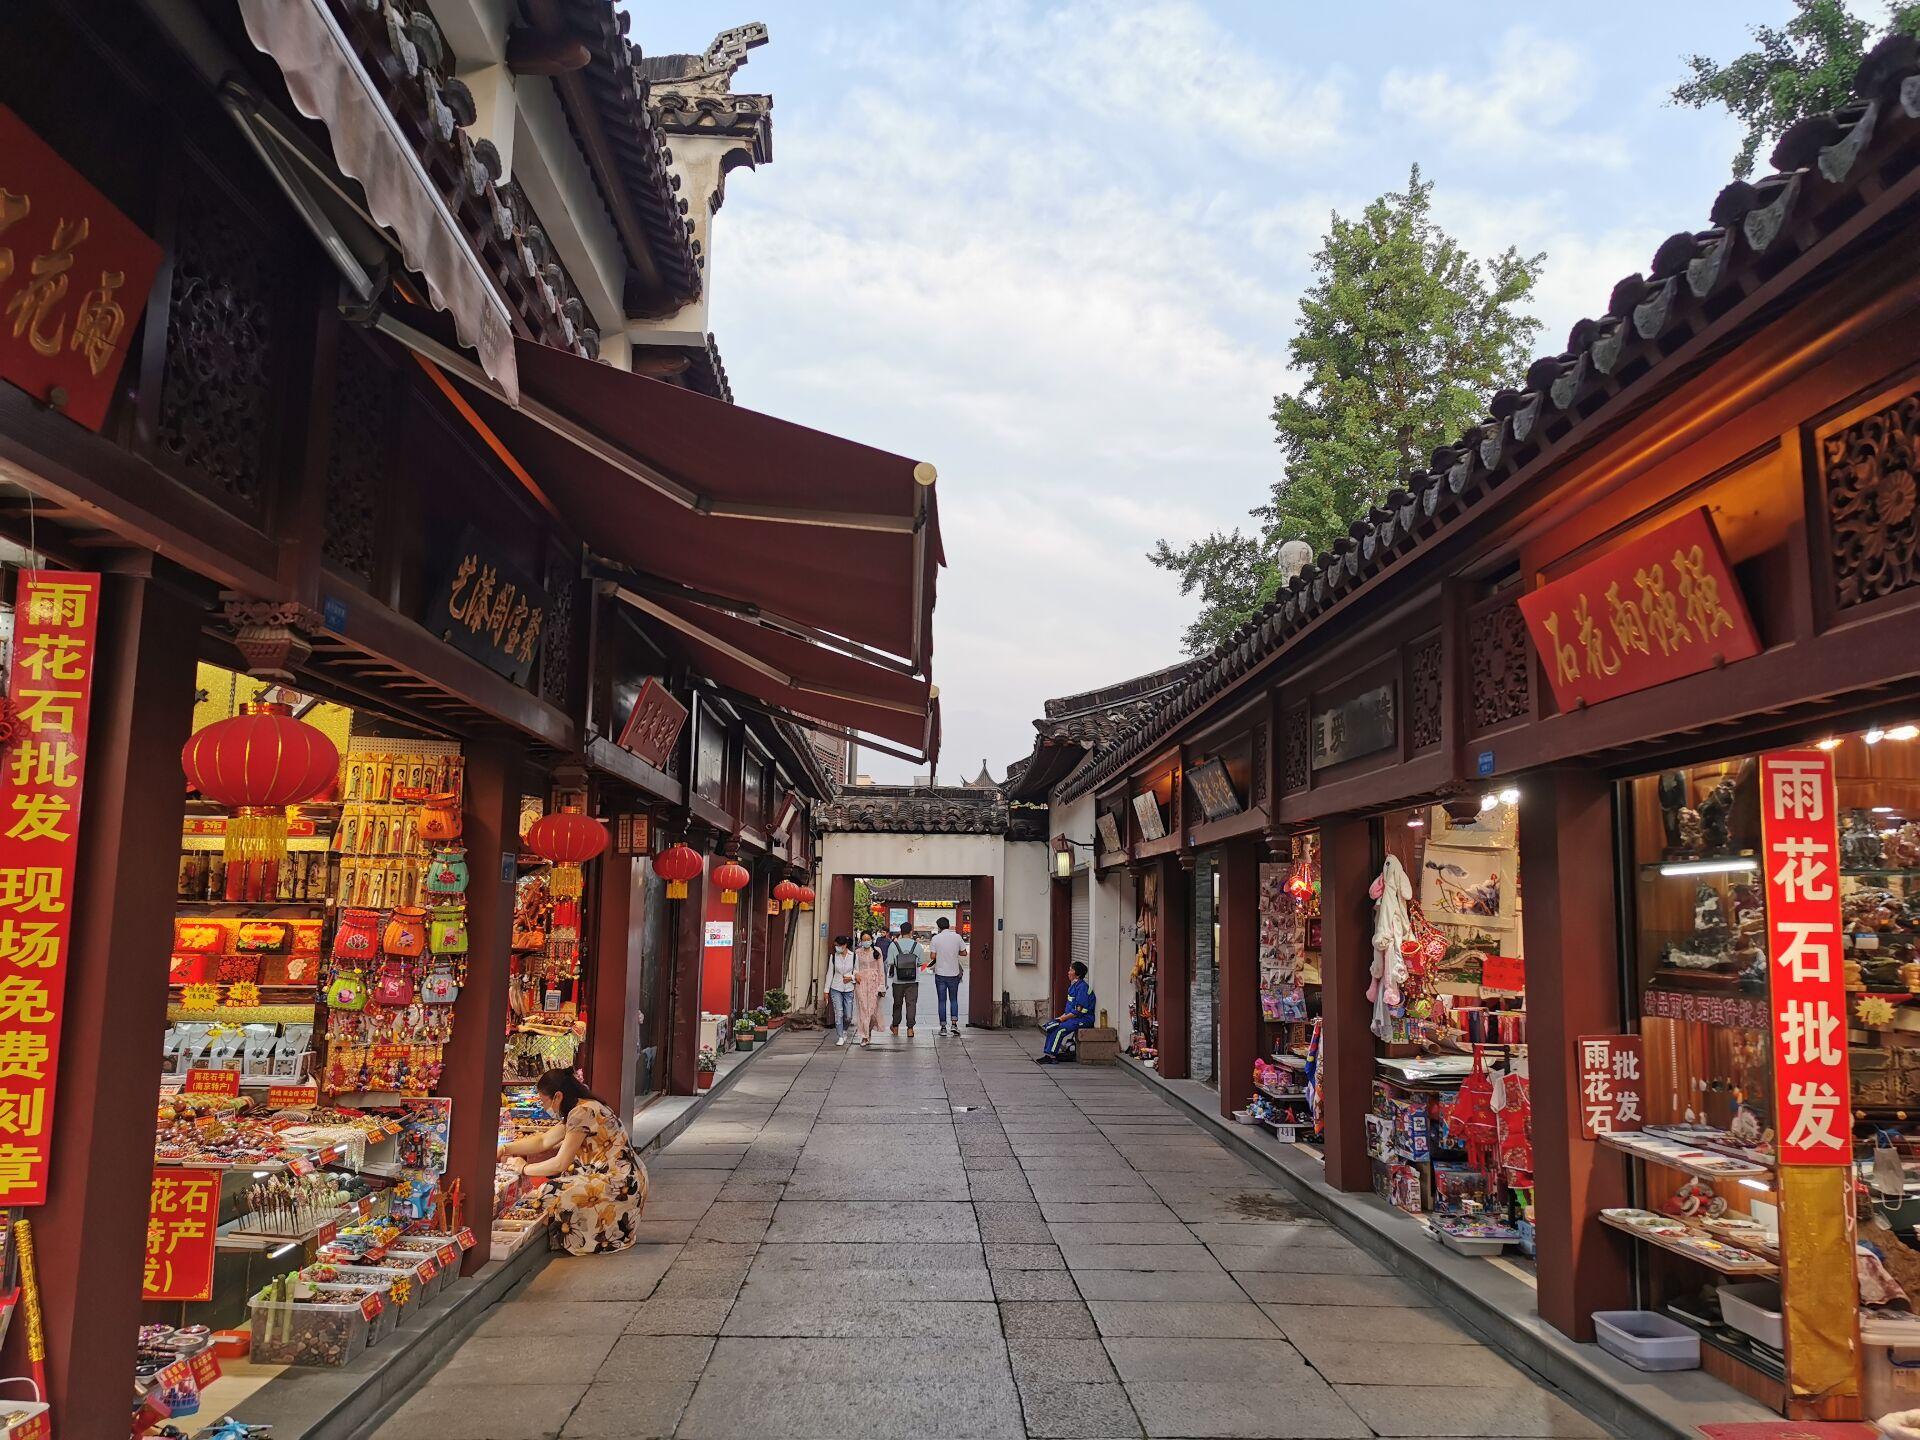 南京夫子庙商业区掠影10.jpg